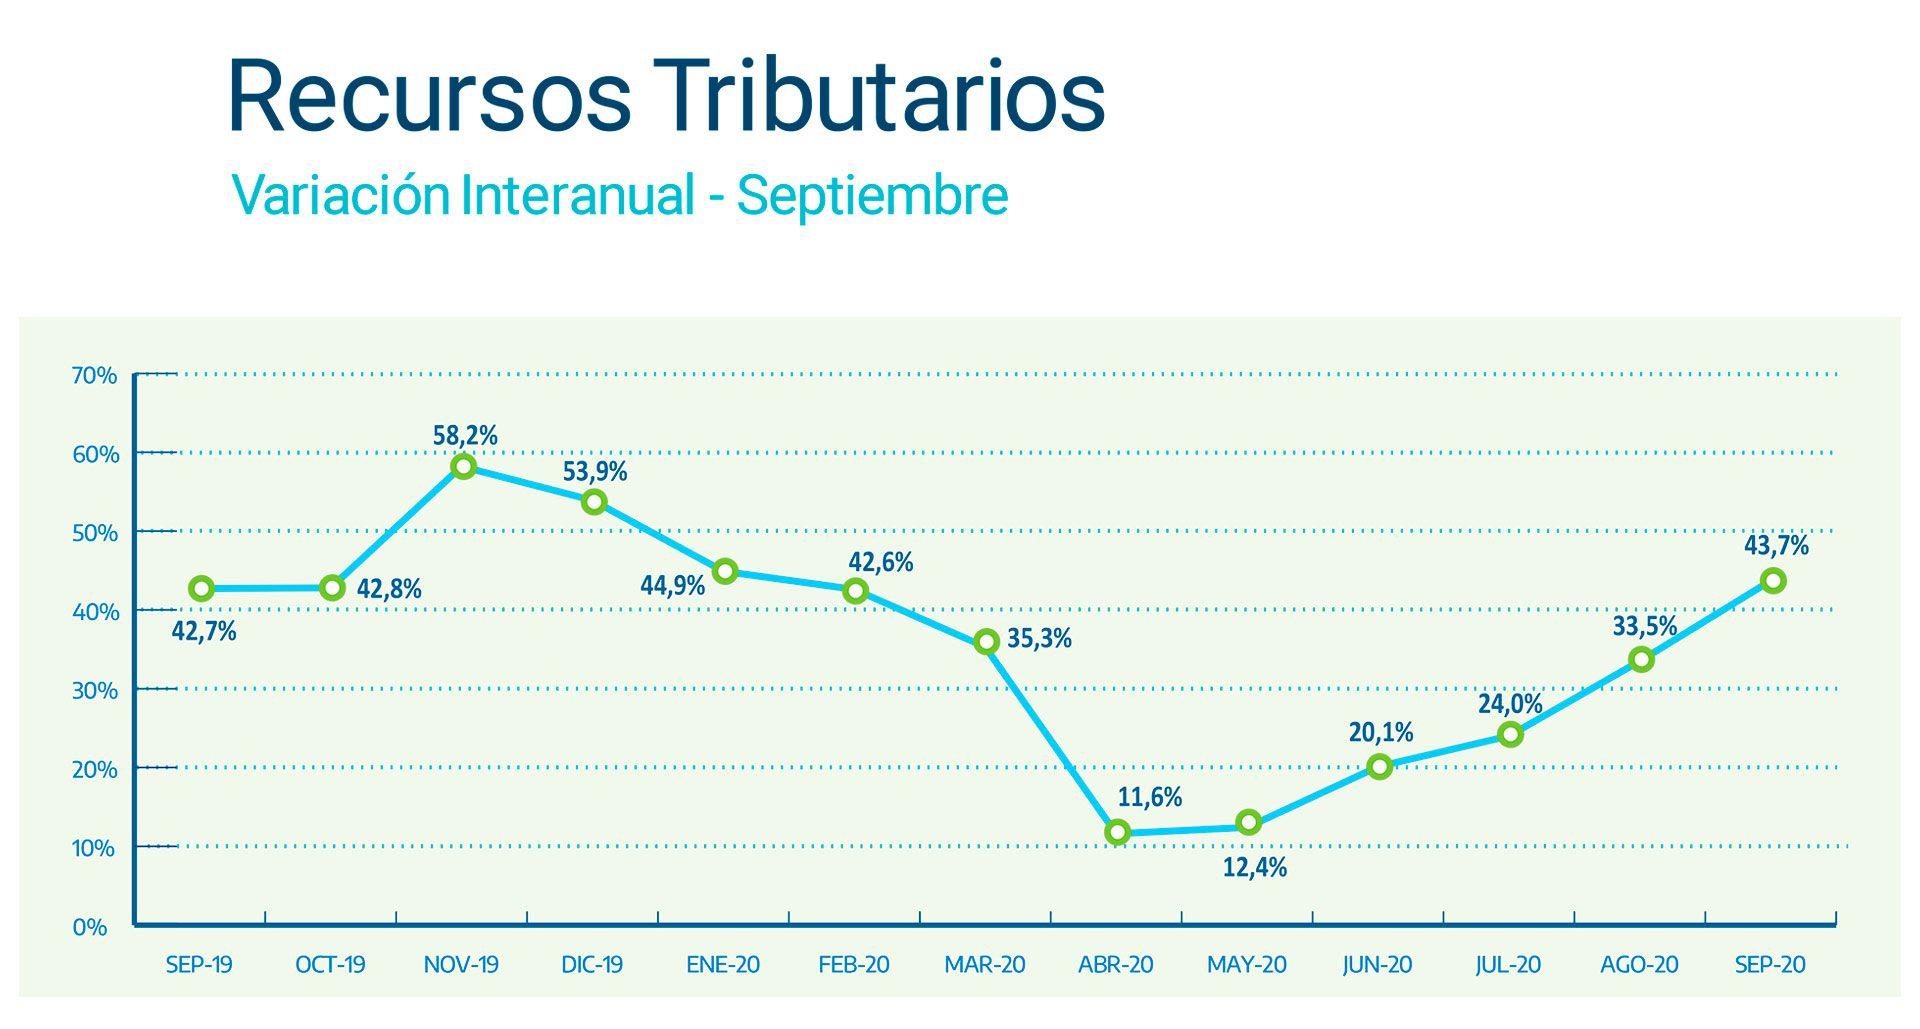 RECURSOS TRIBUTARIOS Variación Interanual septiembre